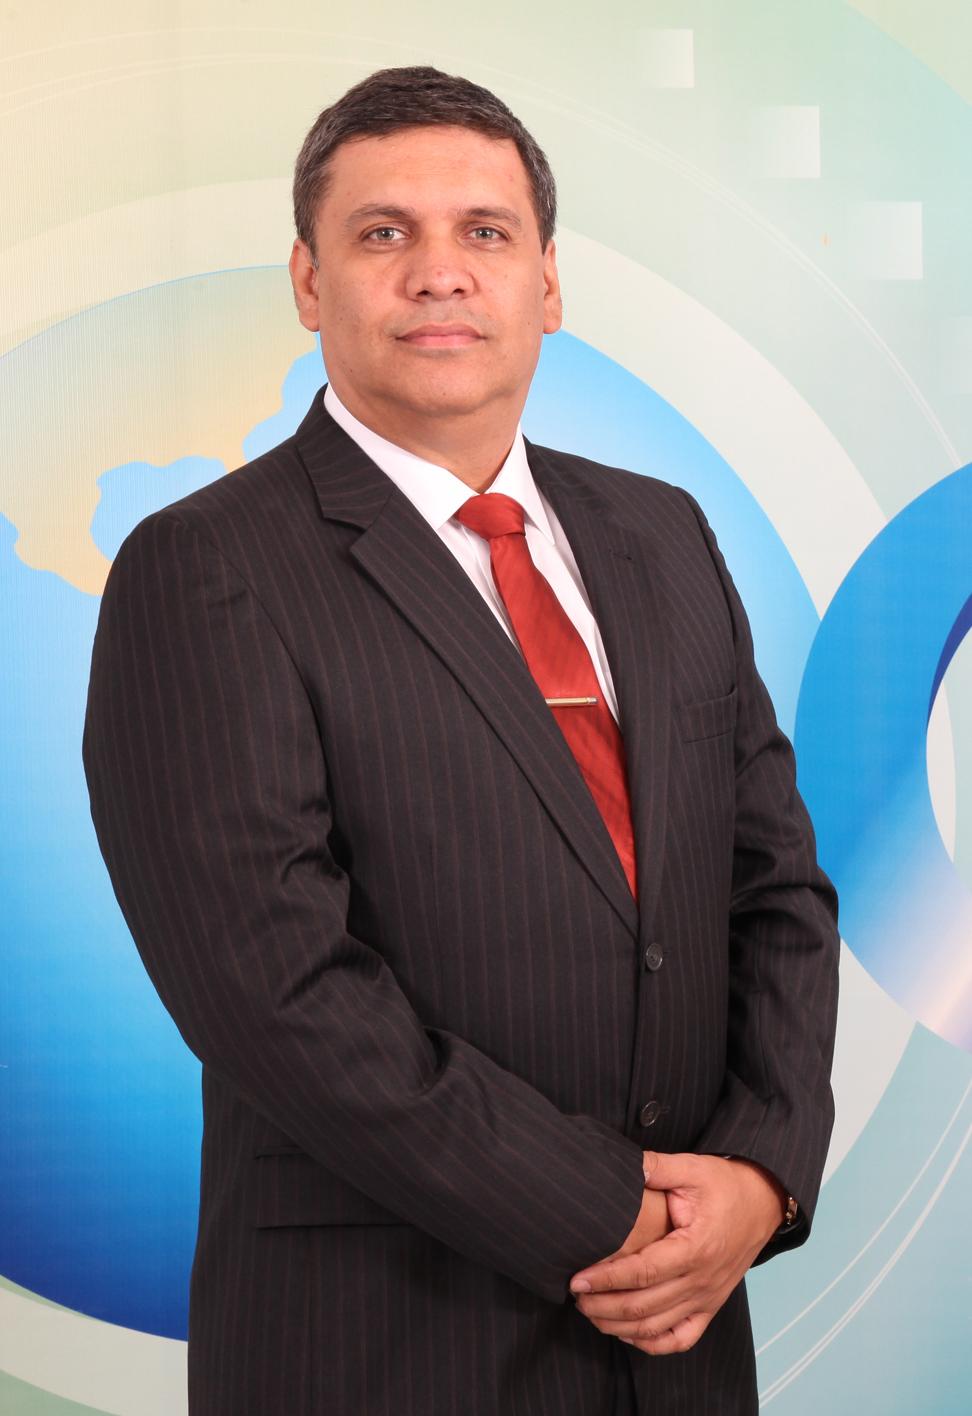 Guido Correa